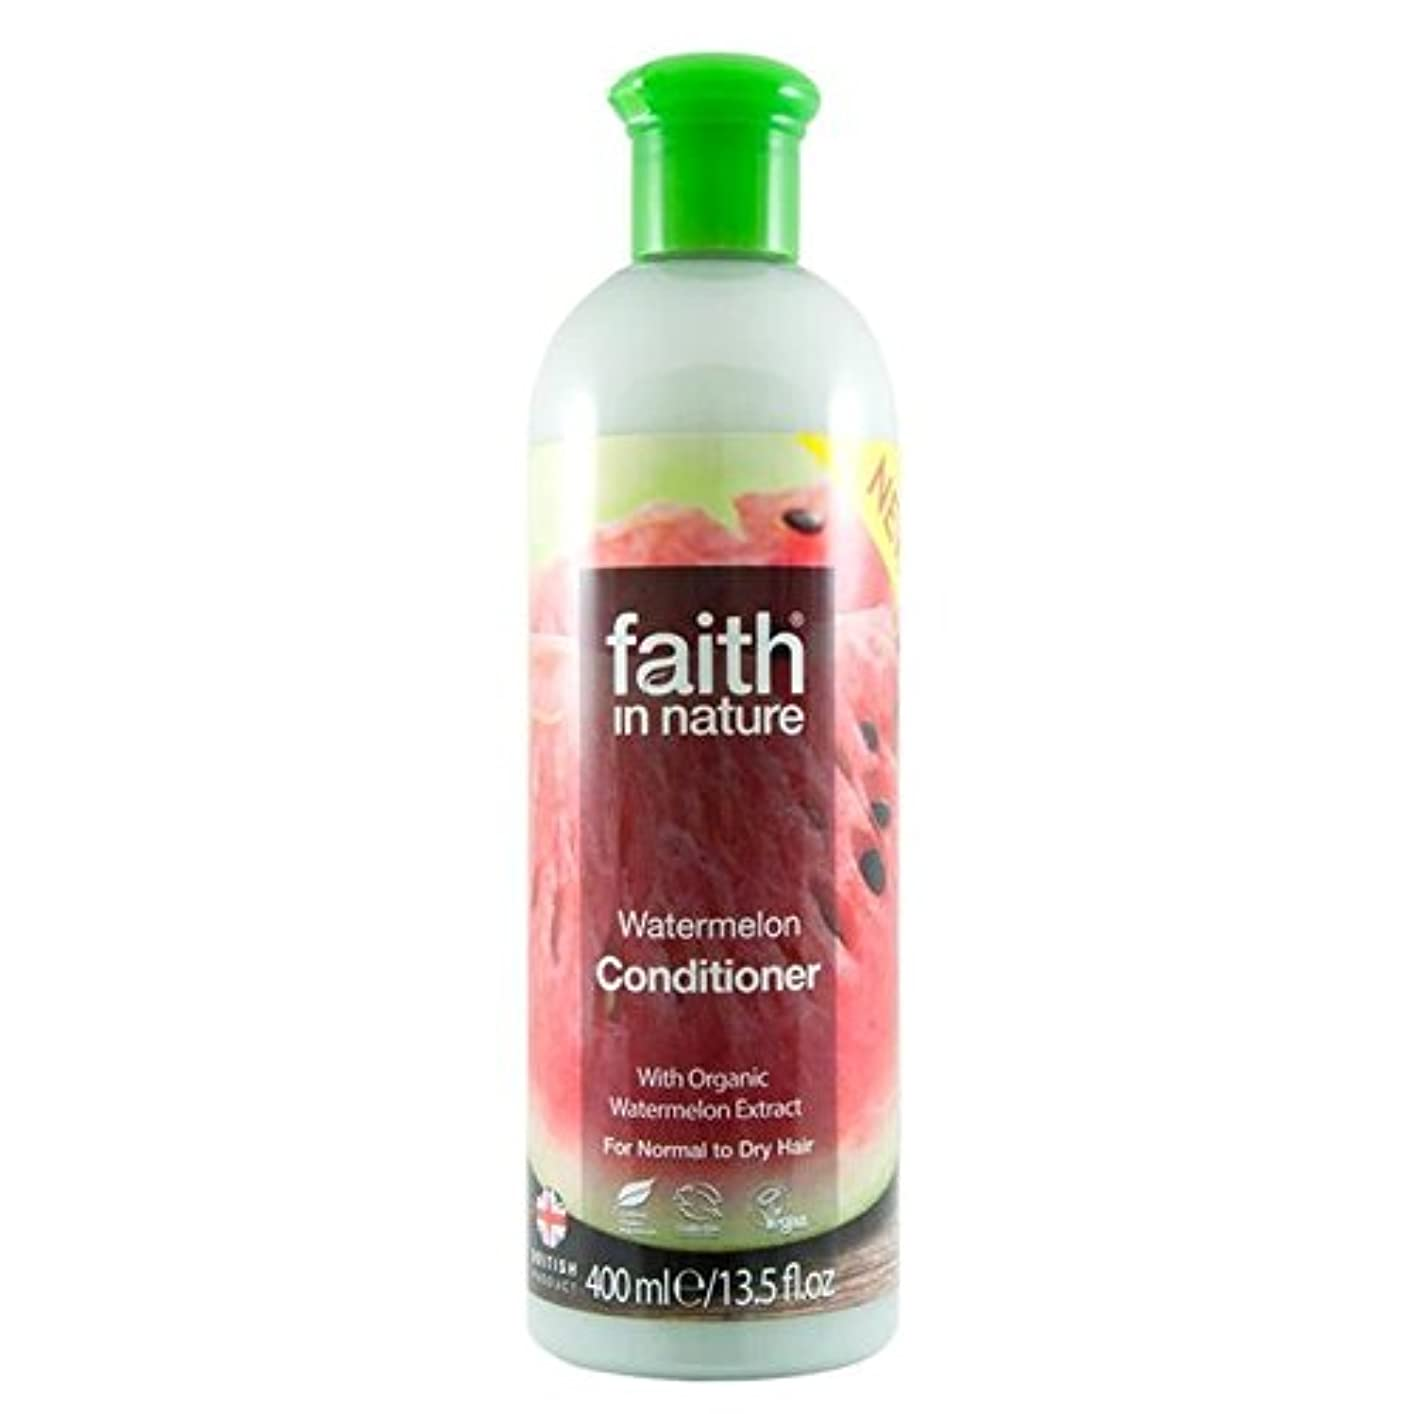 人口超えるクリックFaith in Nature Watermelon Conditioner 400ml (Pack of 6) - (Faith In Nature) 自然スイカコンディショナー400ミリリットルの信仰 (x6) [並行輸入品]